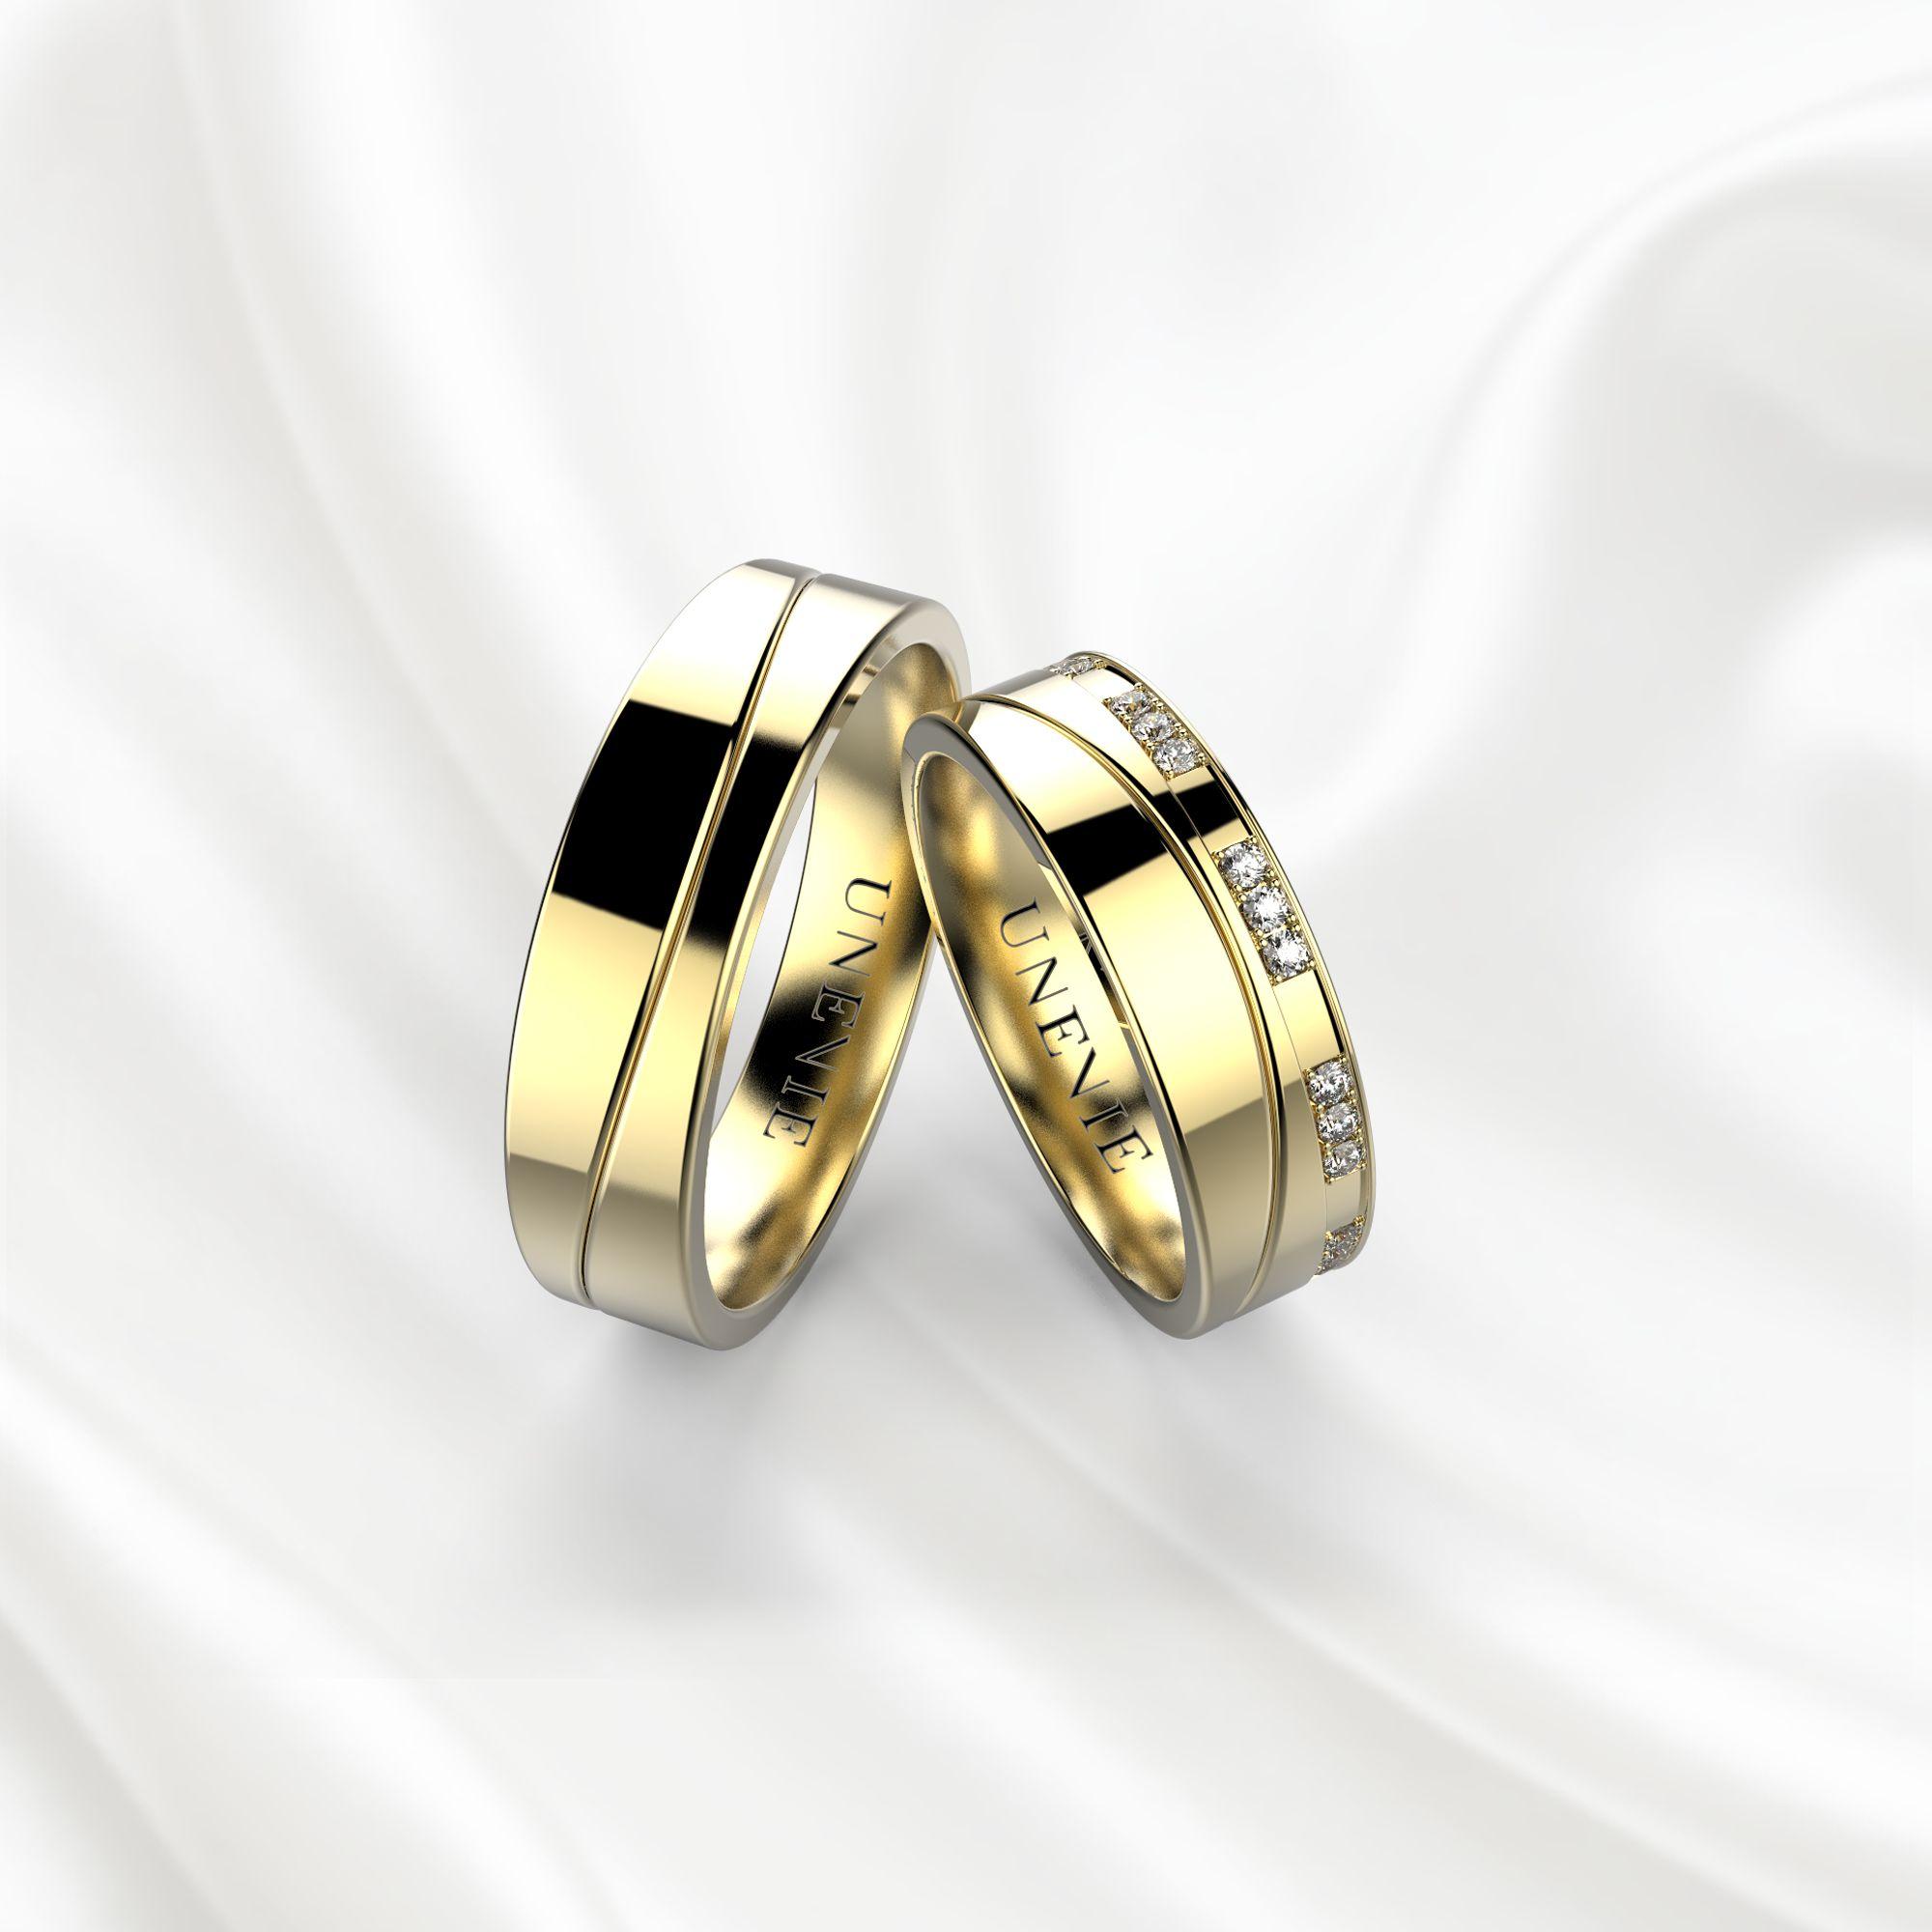 NV4 Обручальные кольца из желтого золота